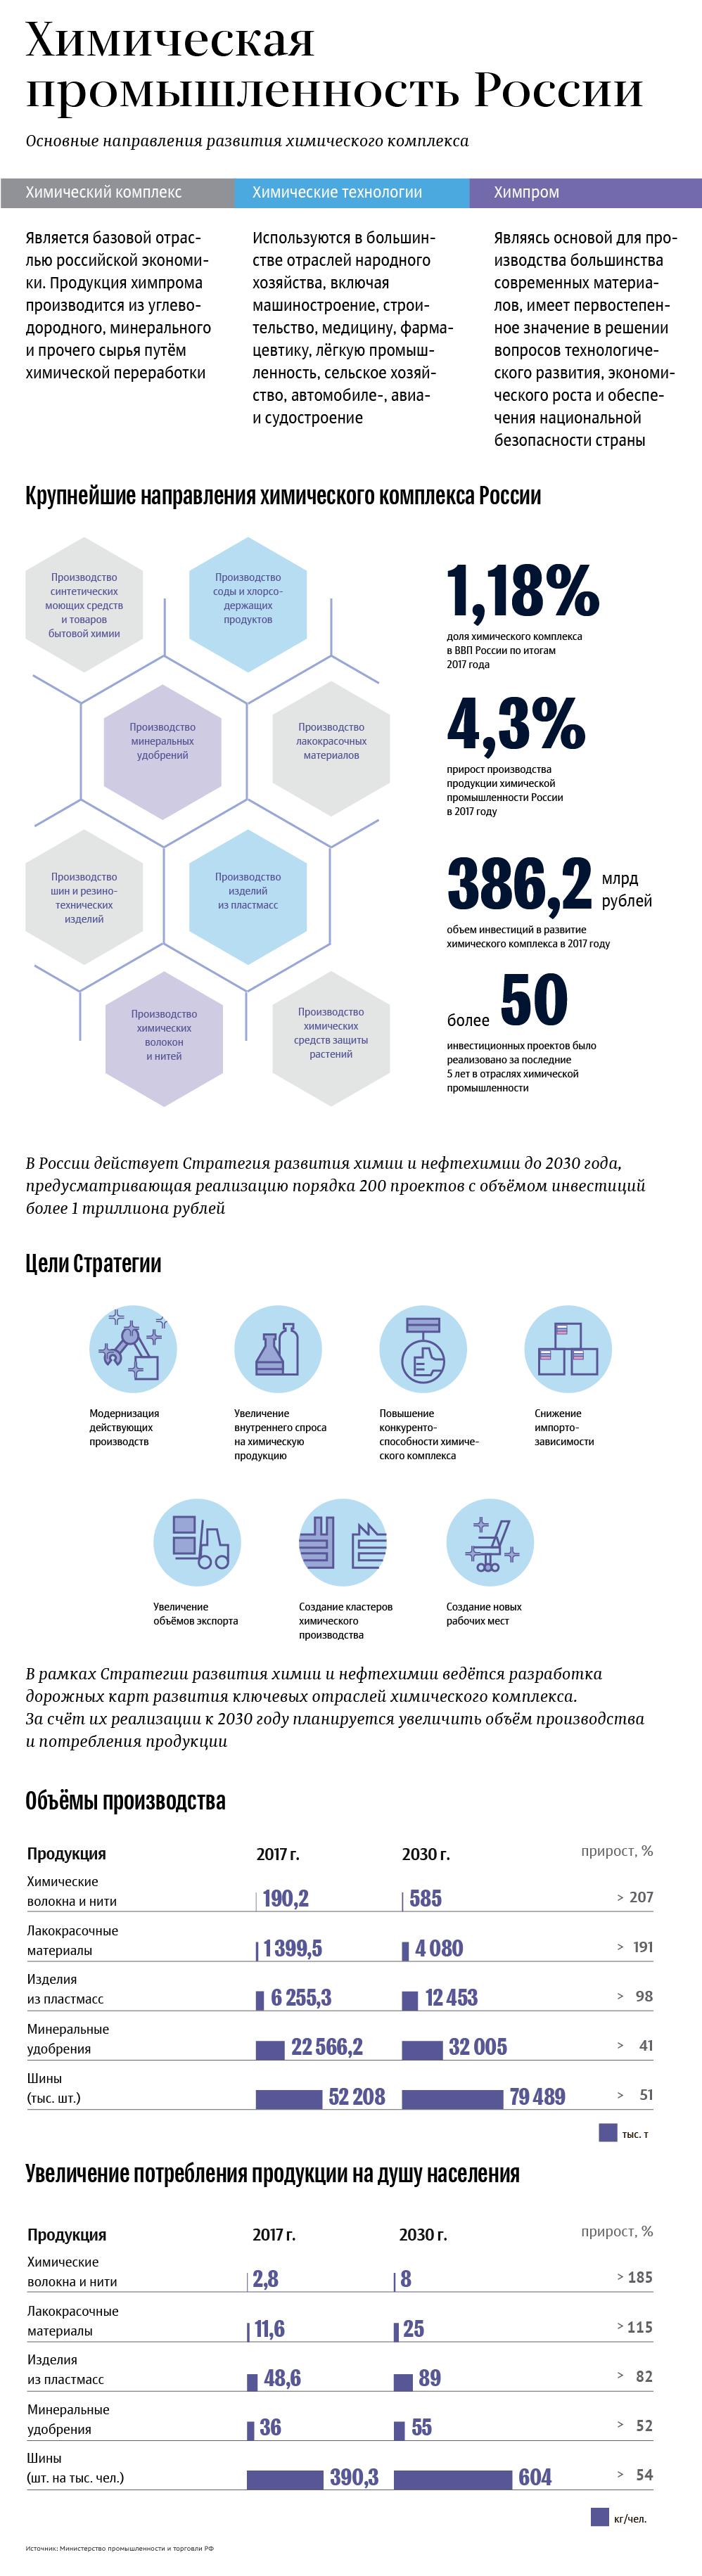 Структура, показатели и направления развития химпрома России